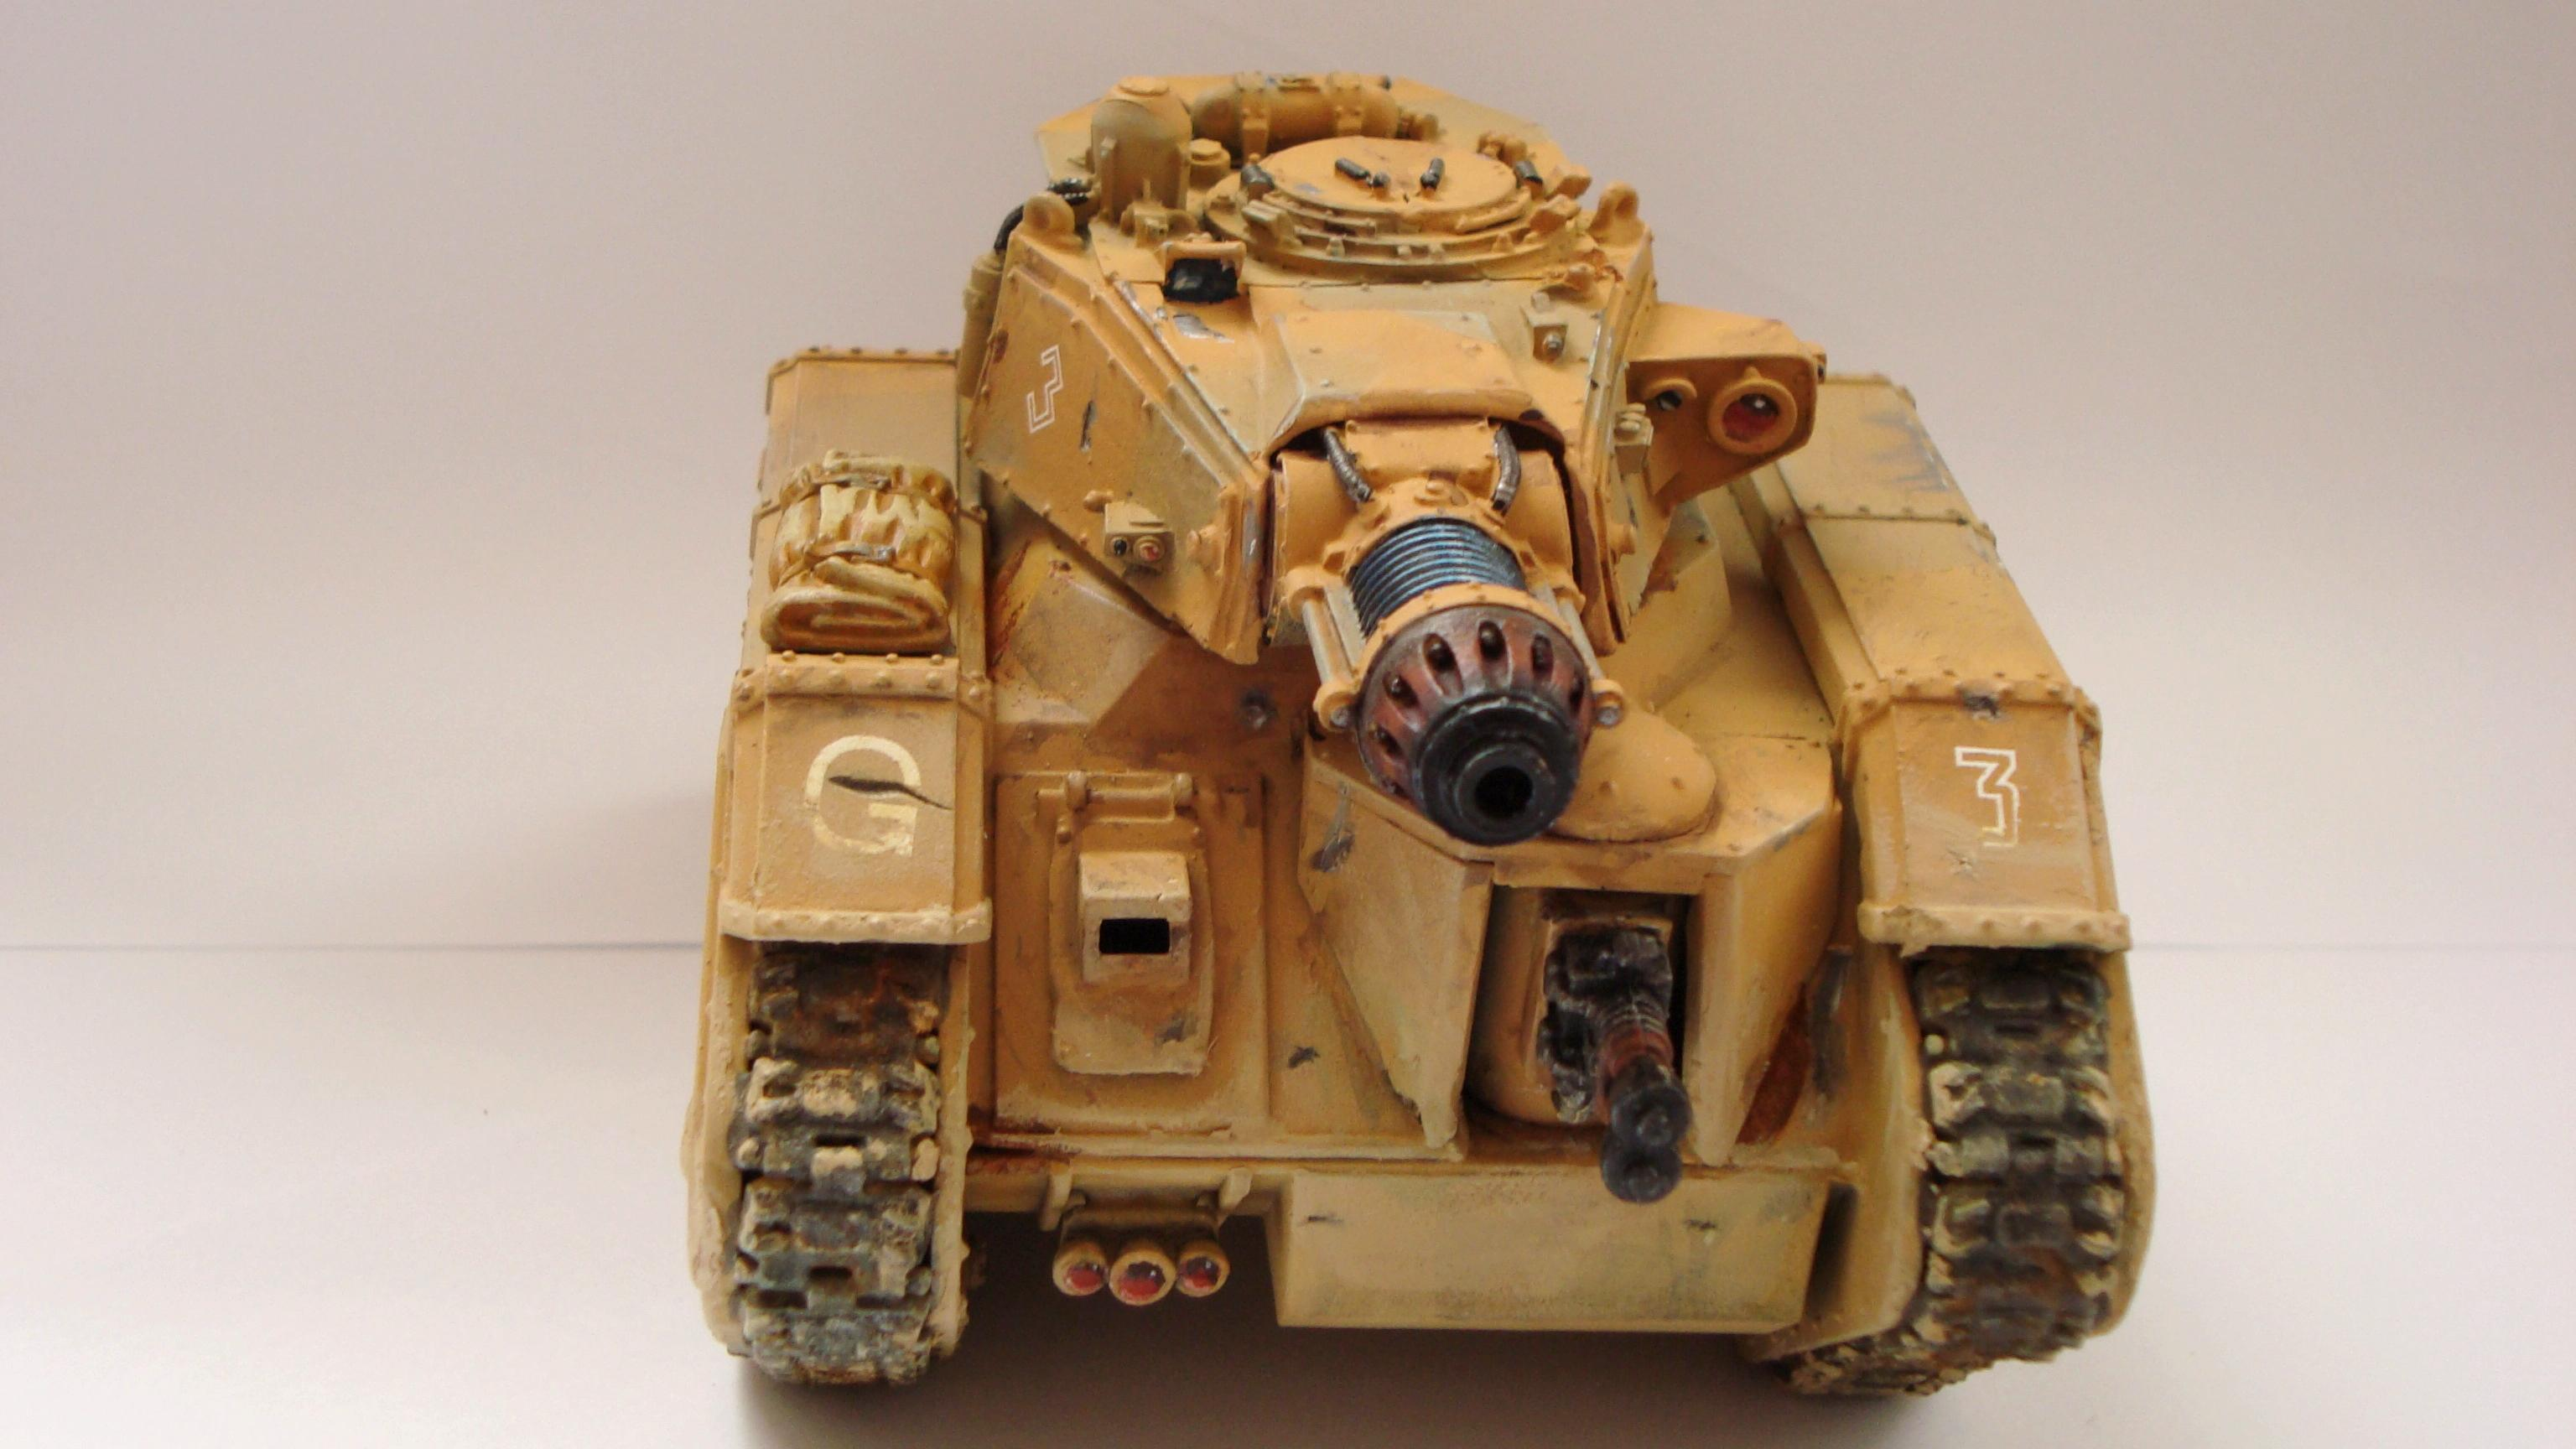 Imperial Guard, Leman Russ, Warhammer 40,000